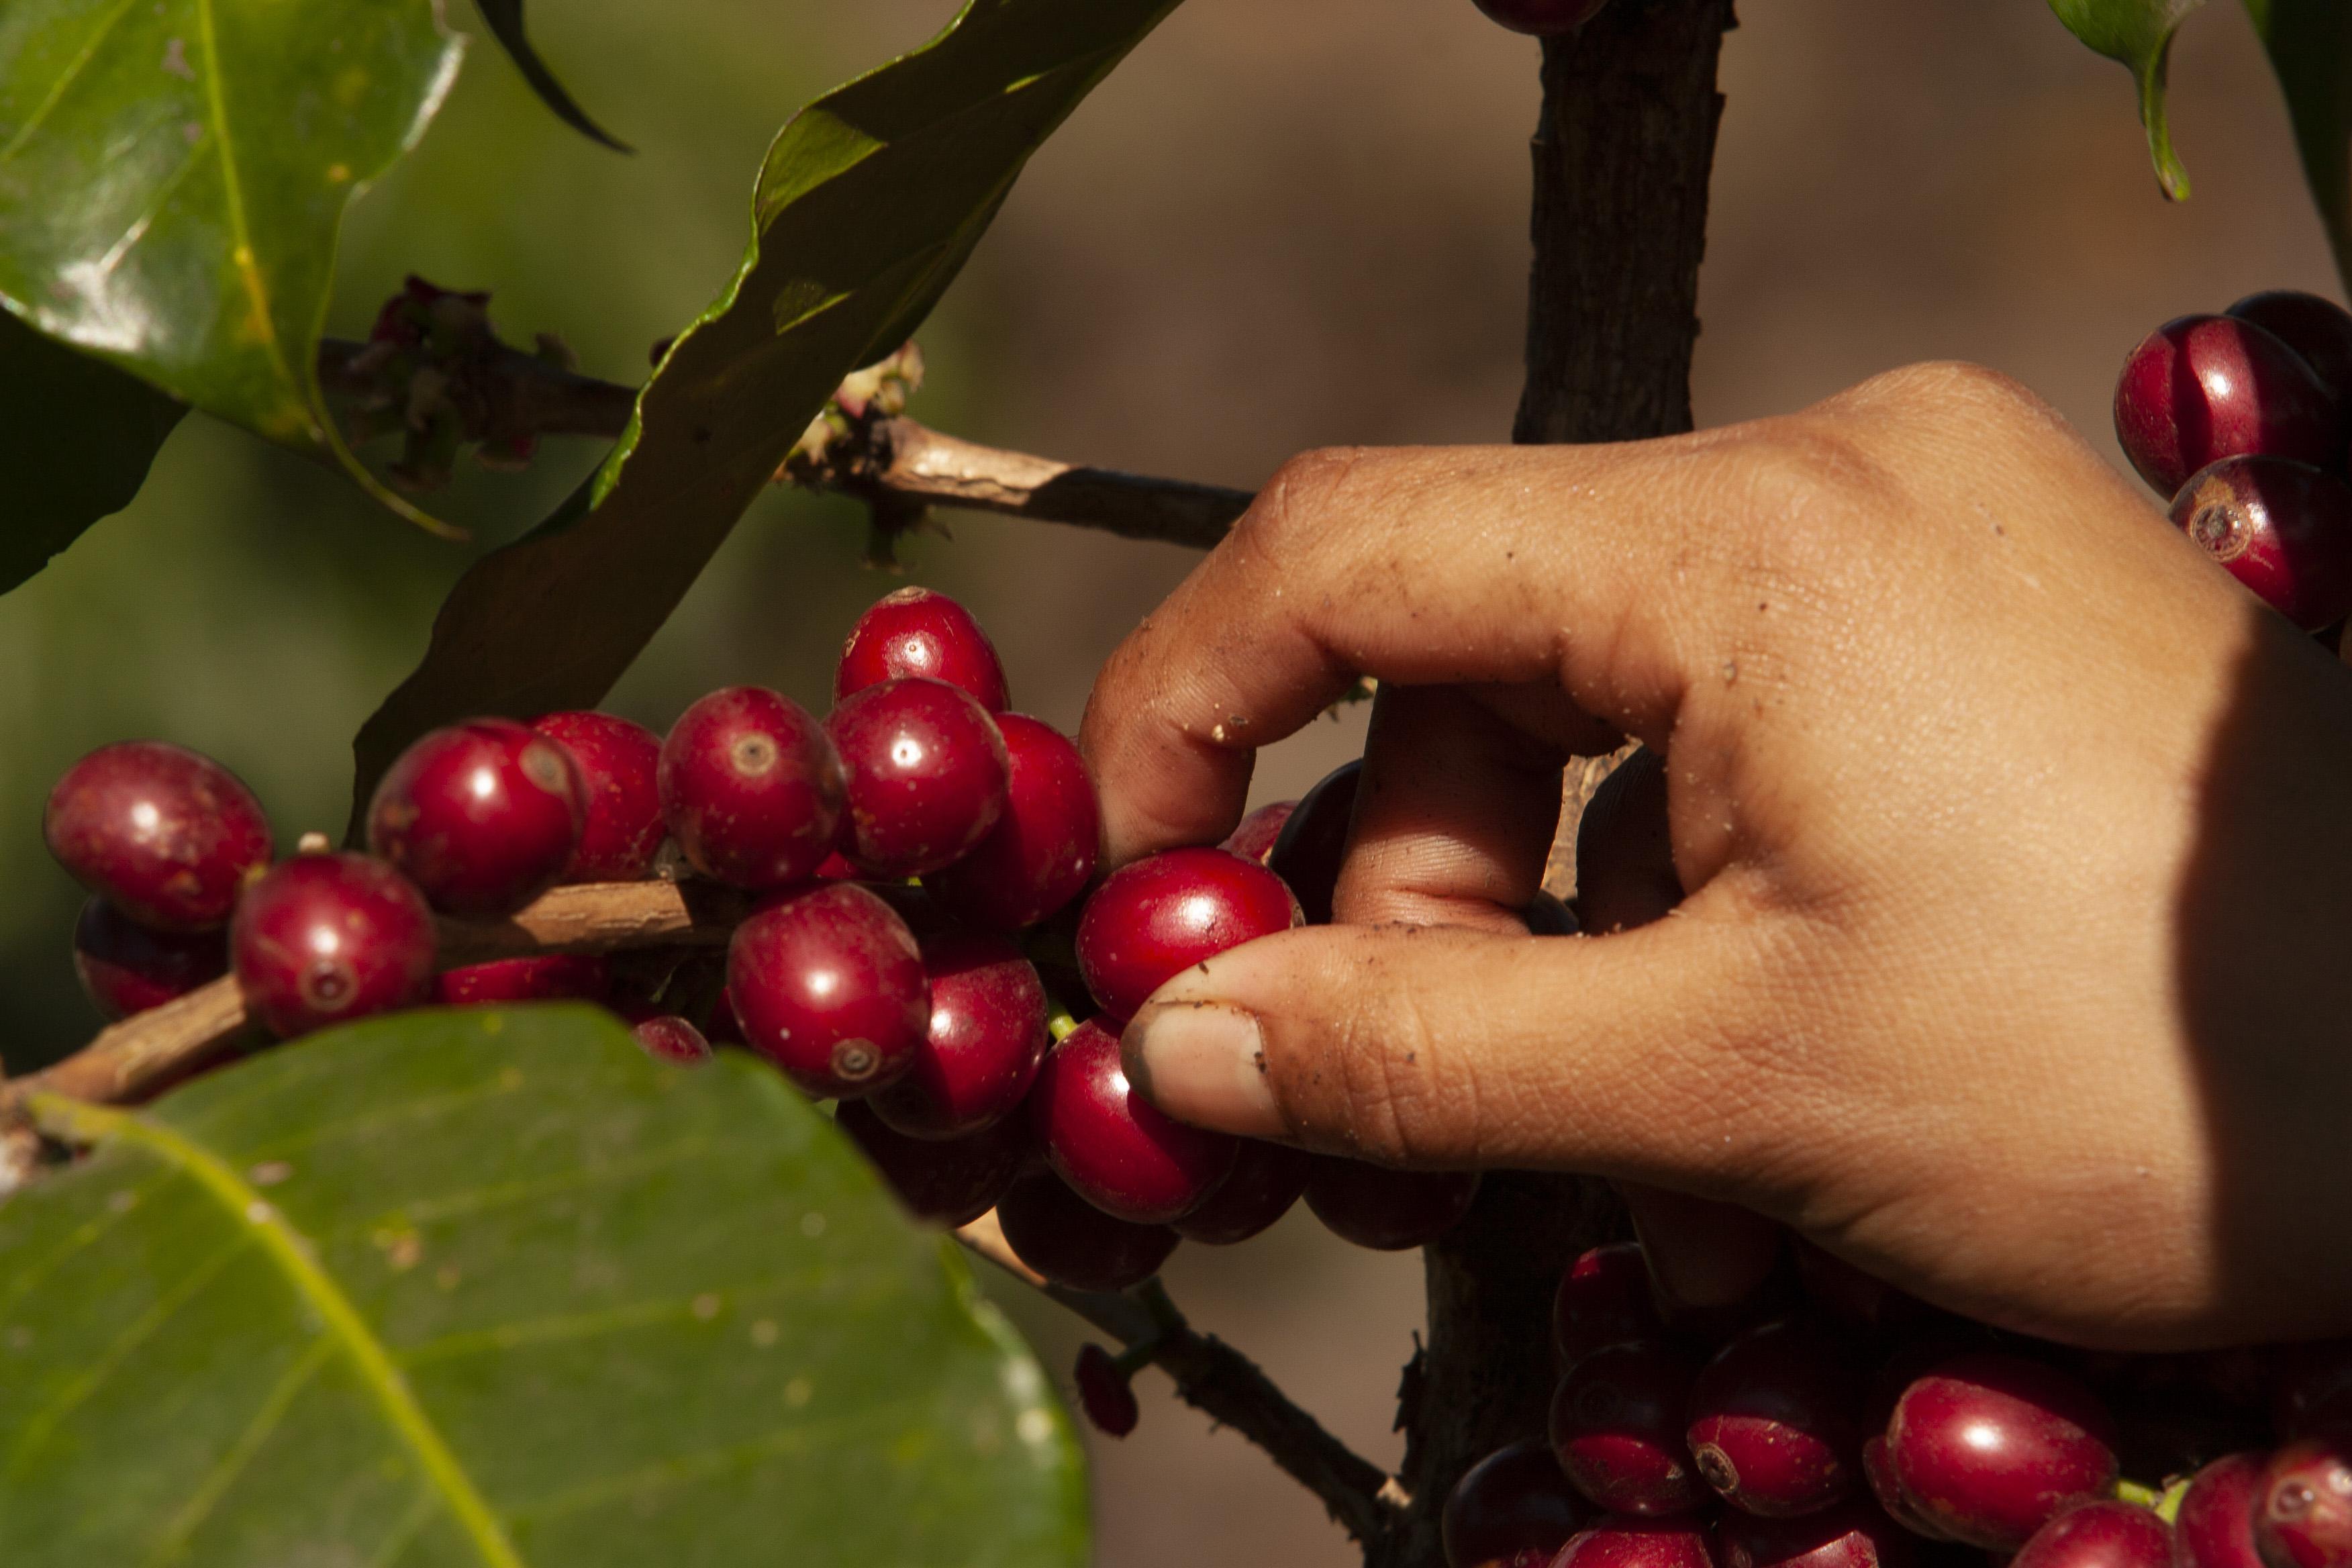 Anacafé alertó que debido a los bajos precios internacionales del café los productores dejan de realizar trabajos de fertilización y mantenimiento. (Foto Prensa Libre: Hemeroteca)